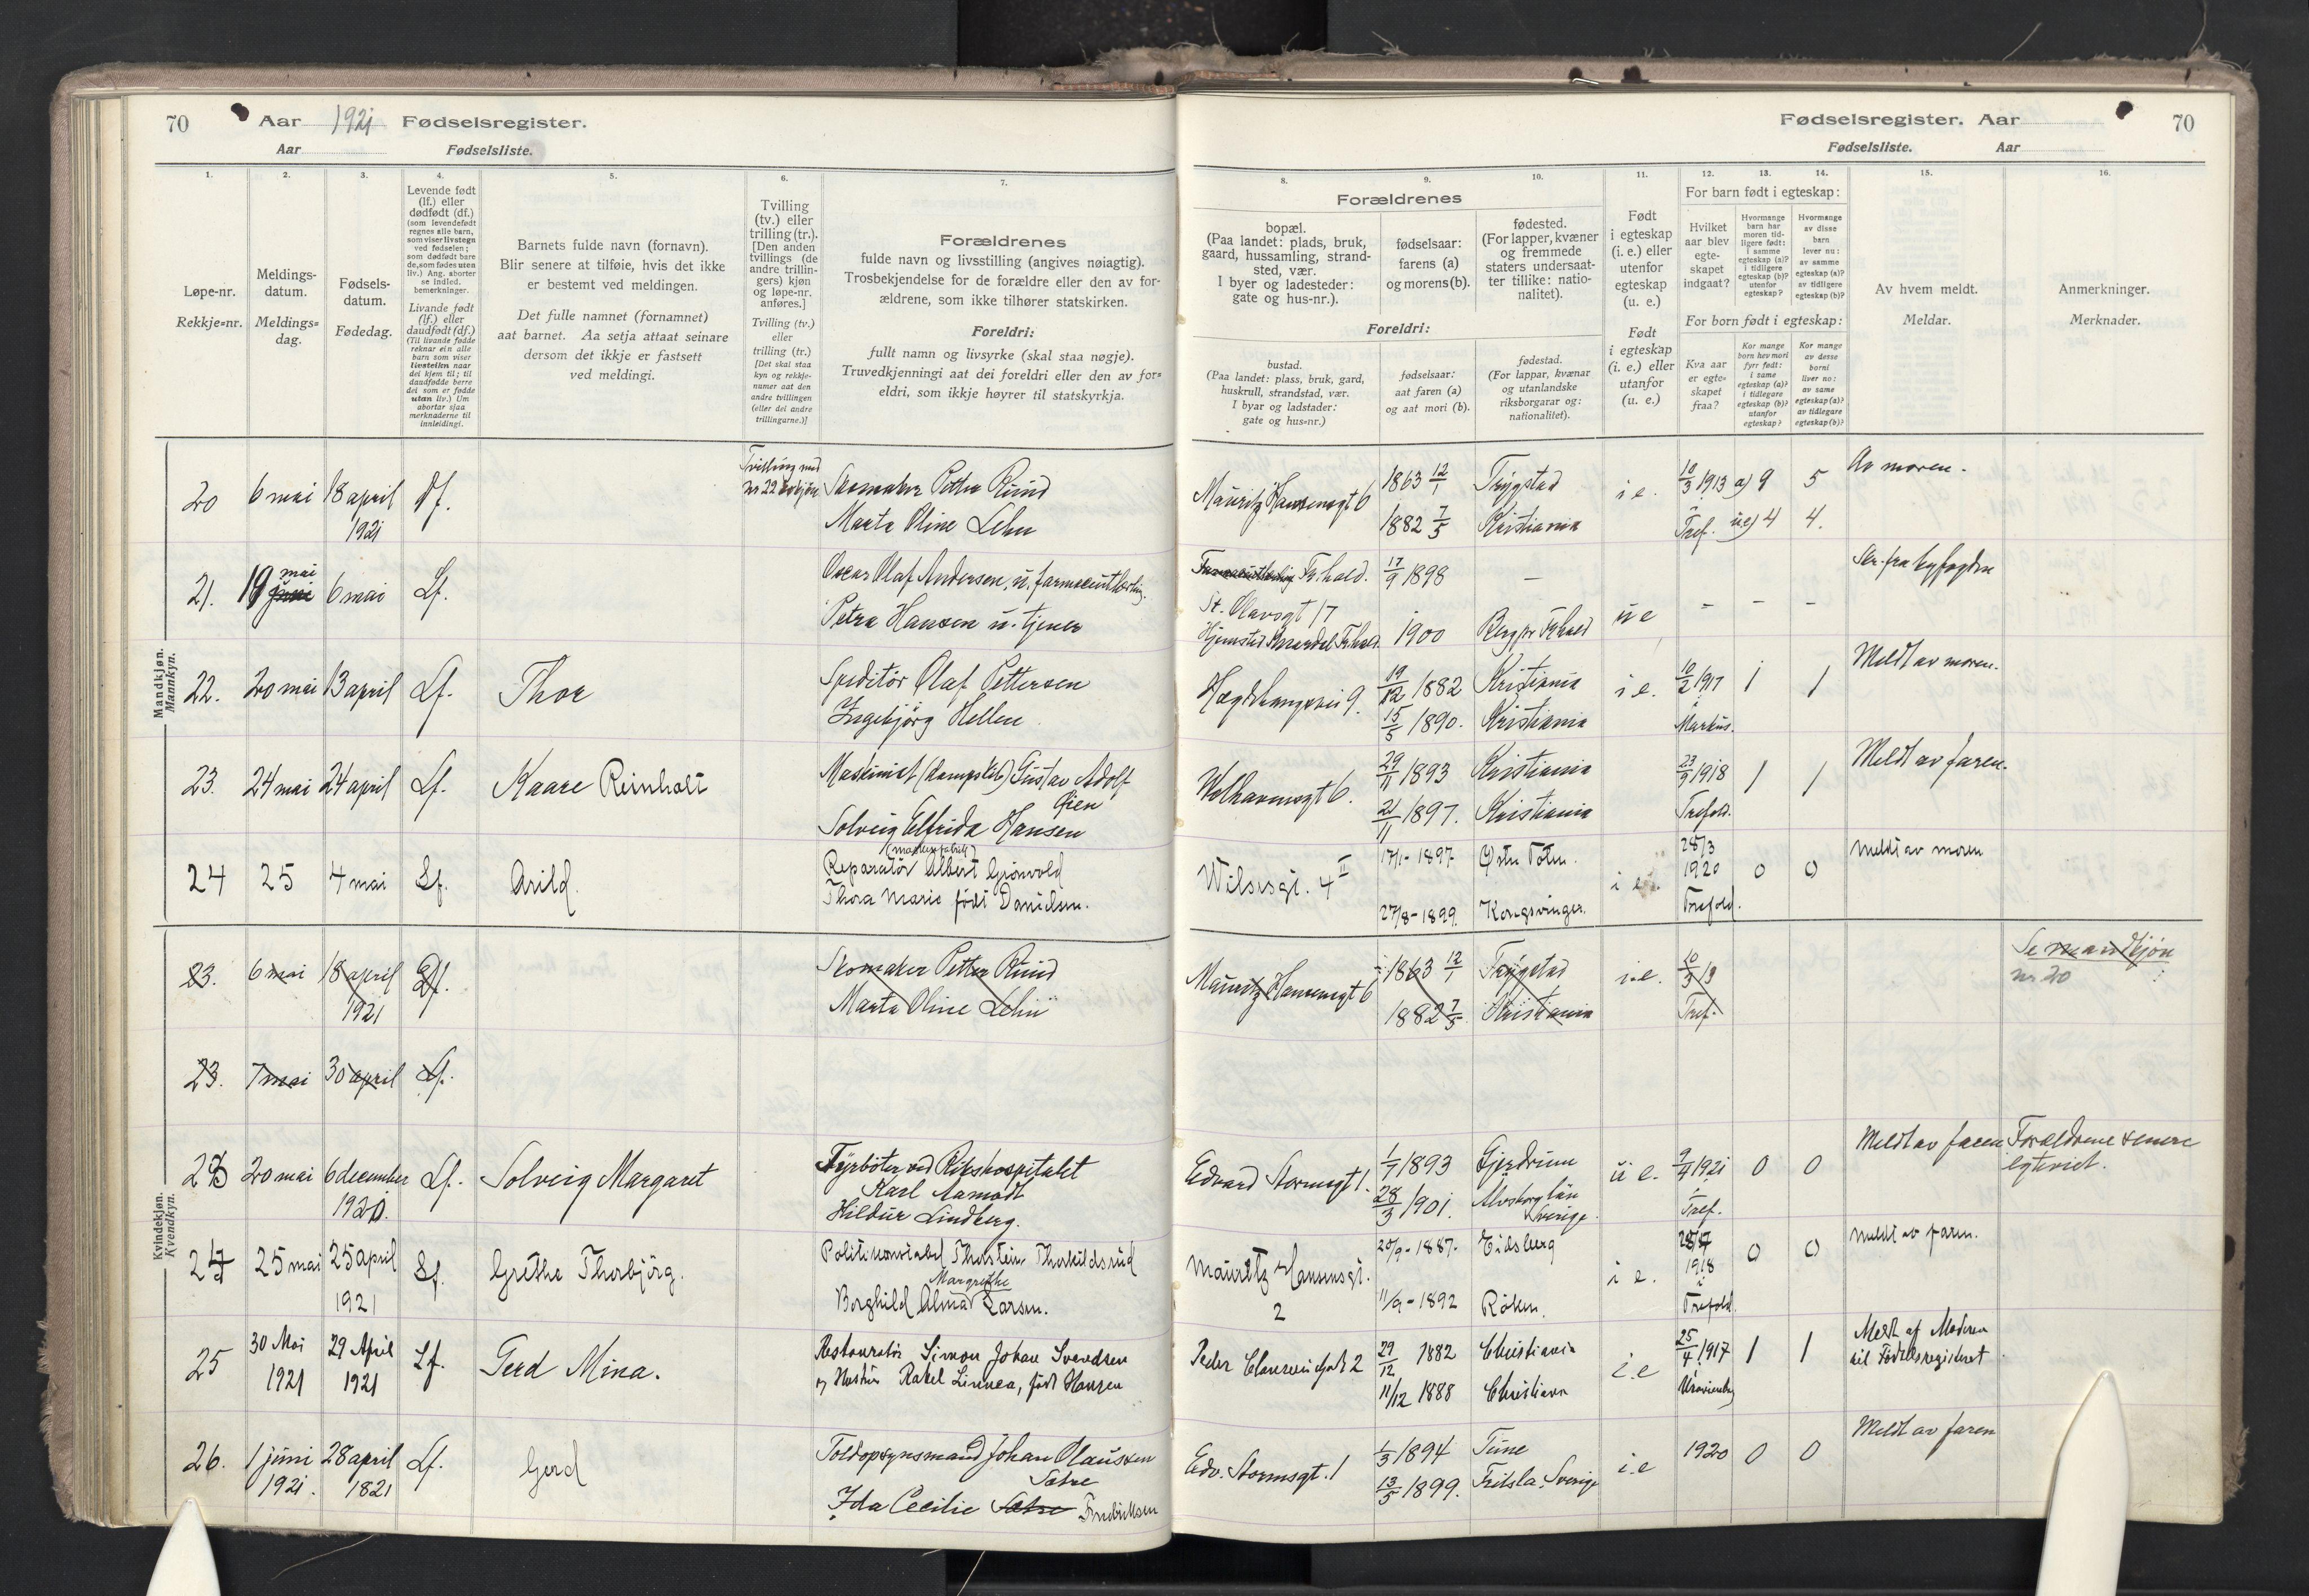 SAO, Trefoldighet prestekontor Kirkebøker, J/Ja/L0001: Birth register no. 1, 1916-1931, p. 70